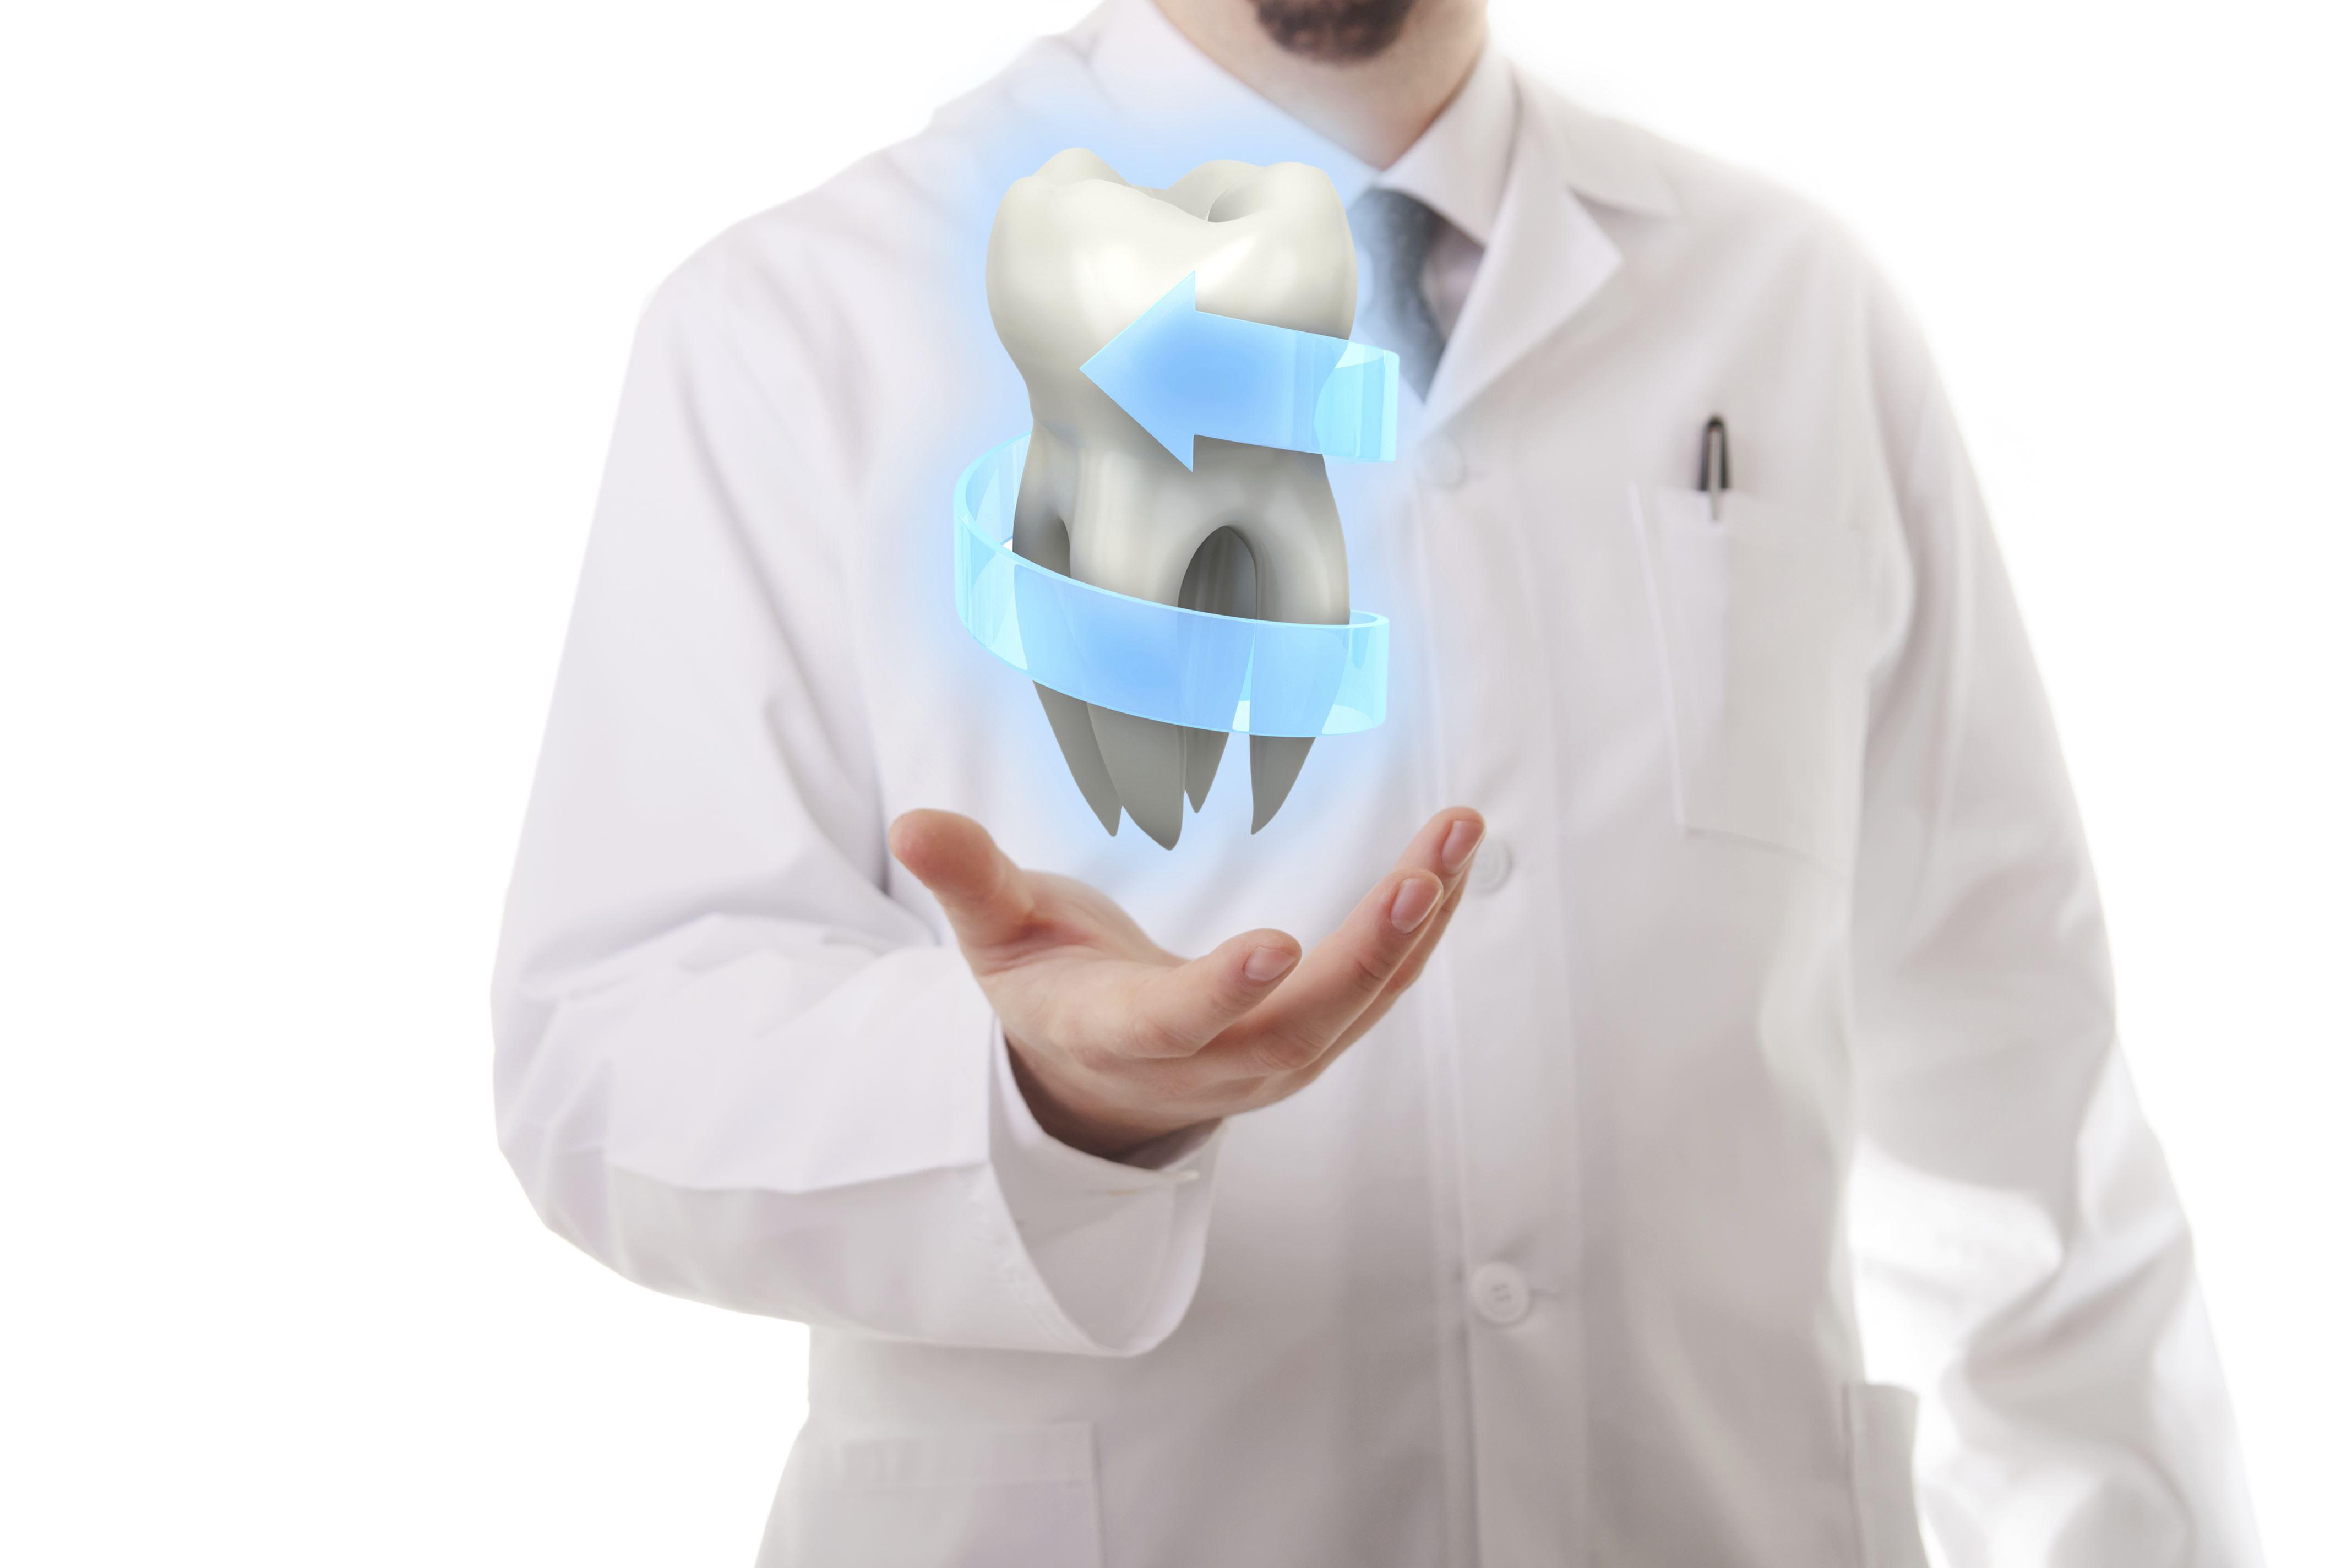 Digital-Dentistry-Digital-Dentures-1